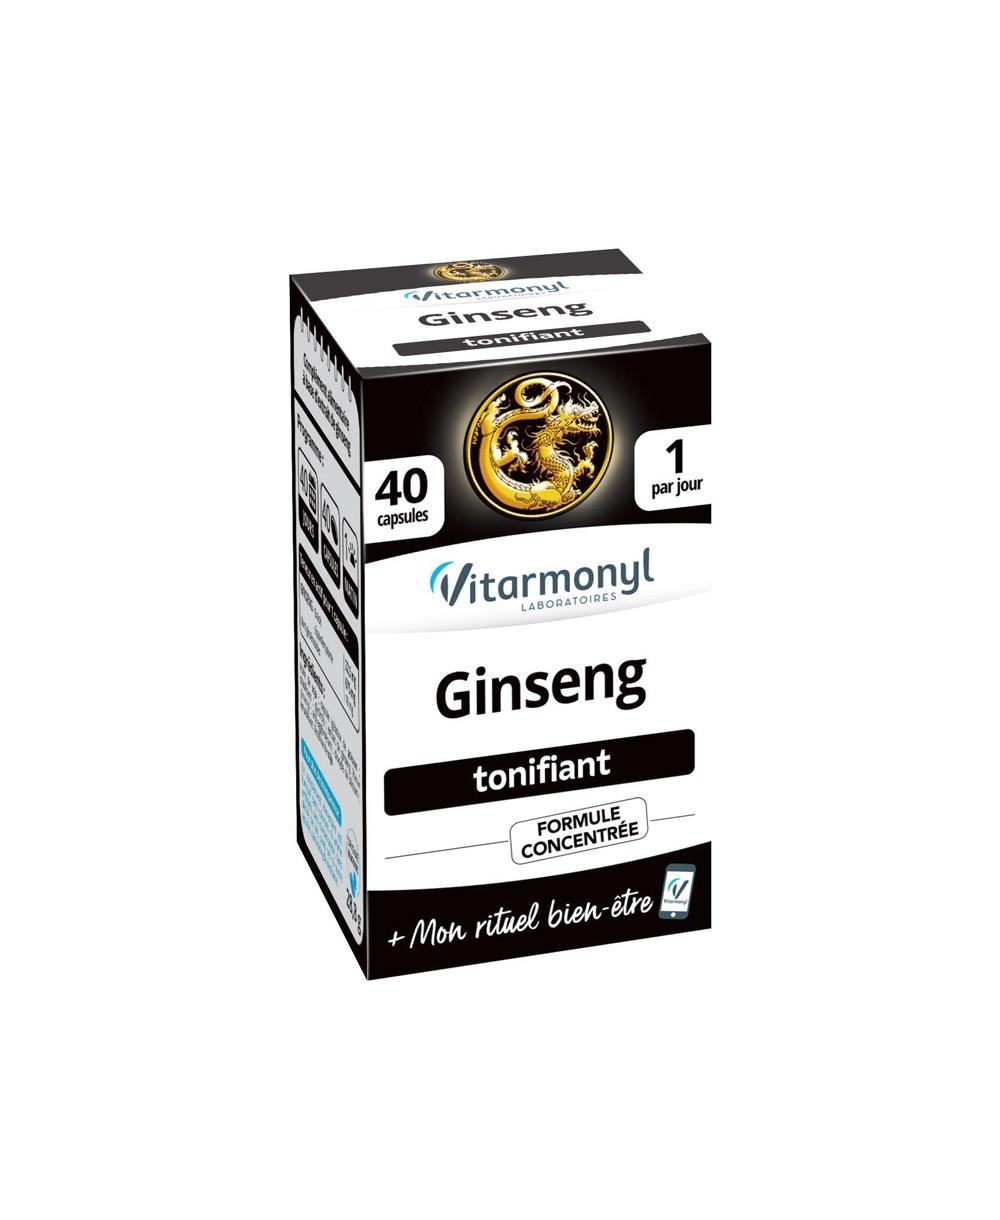 Image Ginseng